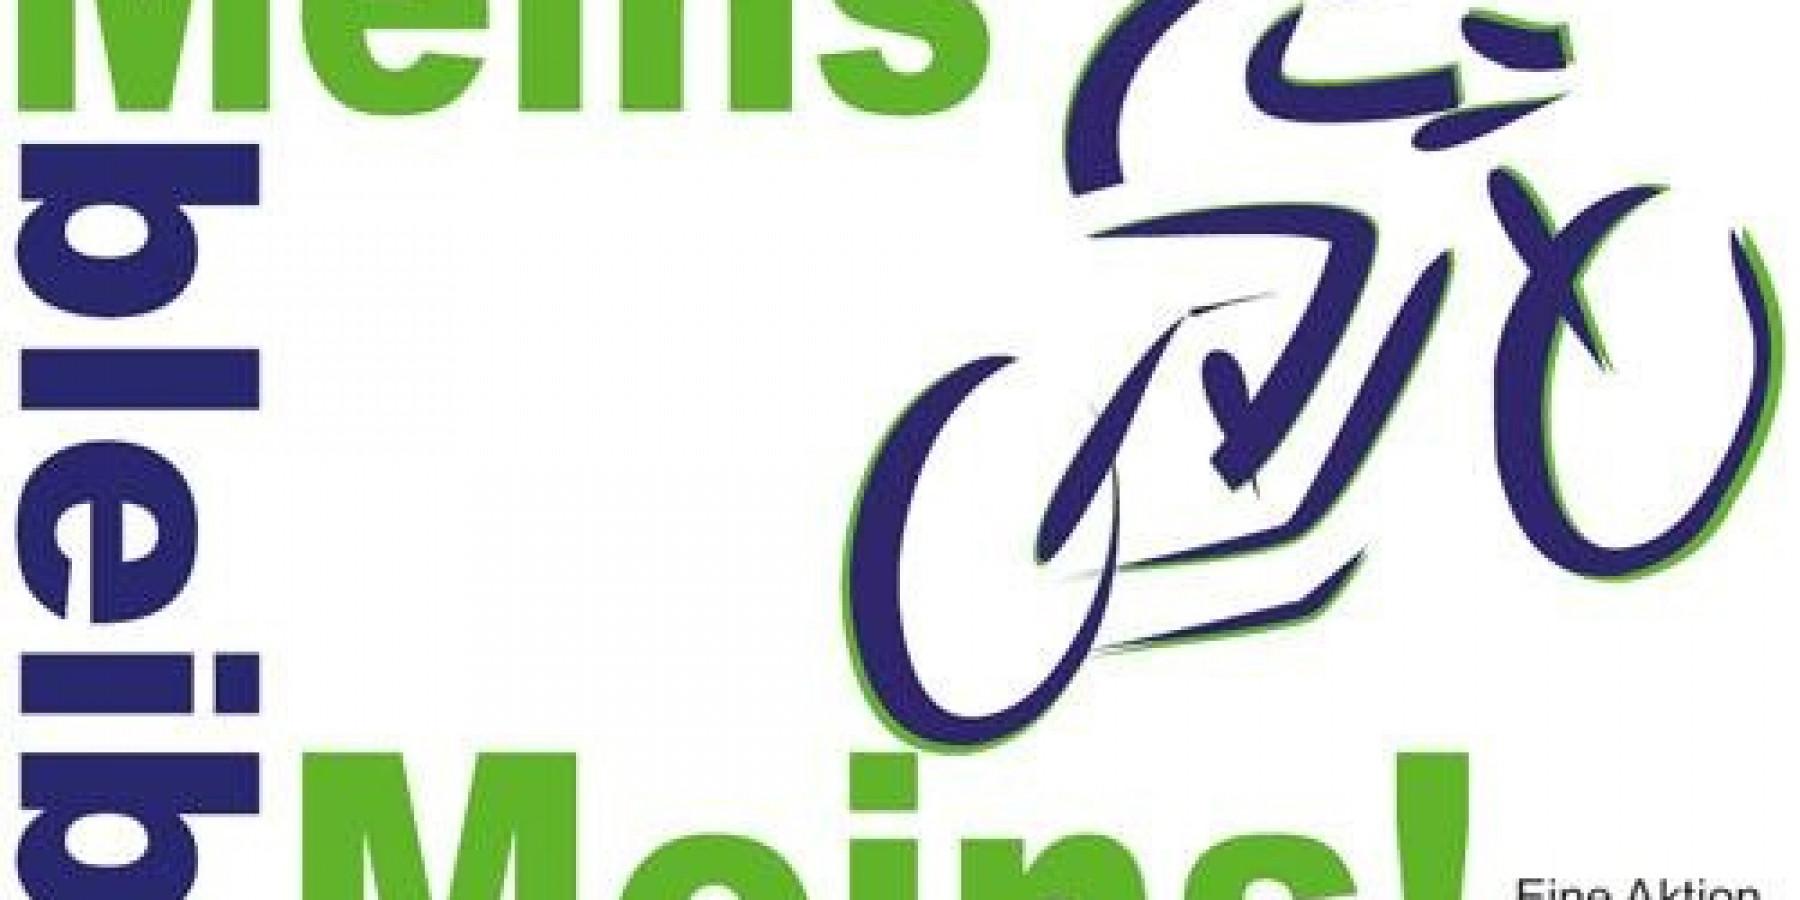 Meins bleibt Meins! – Die Fahrradregistrierungs-Kampagne